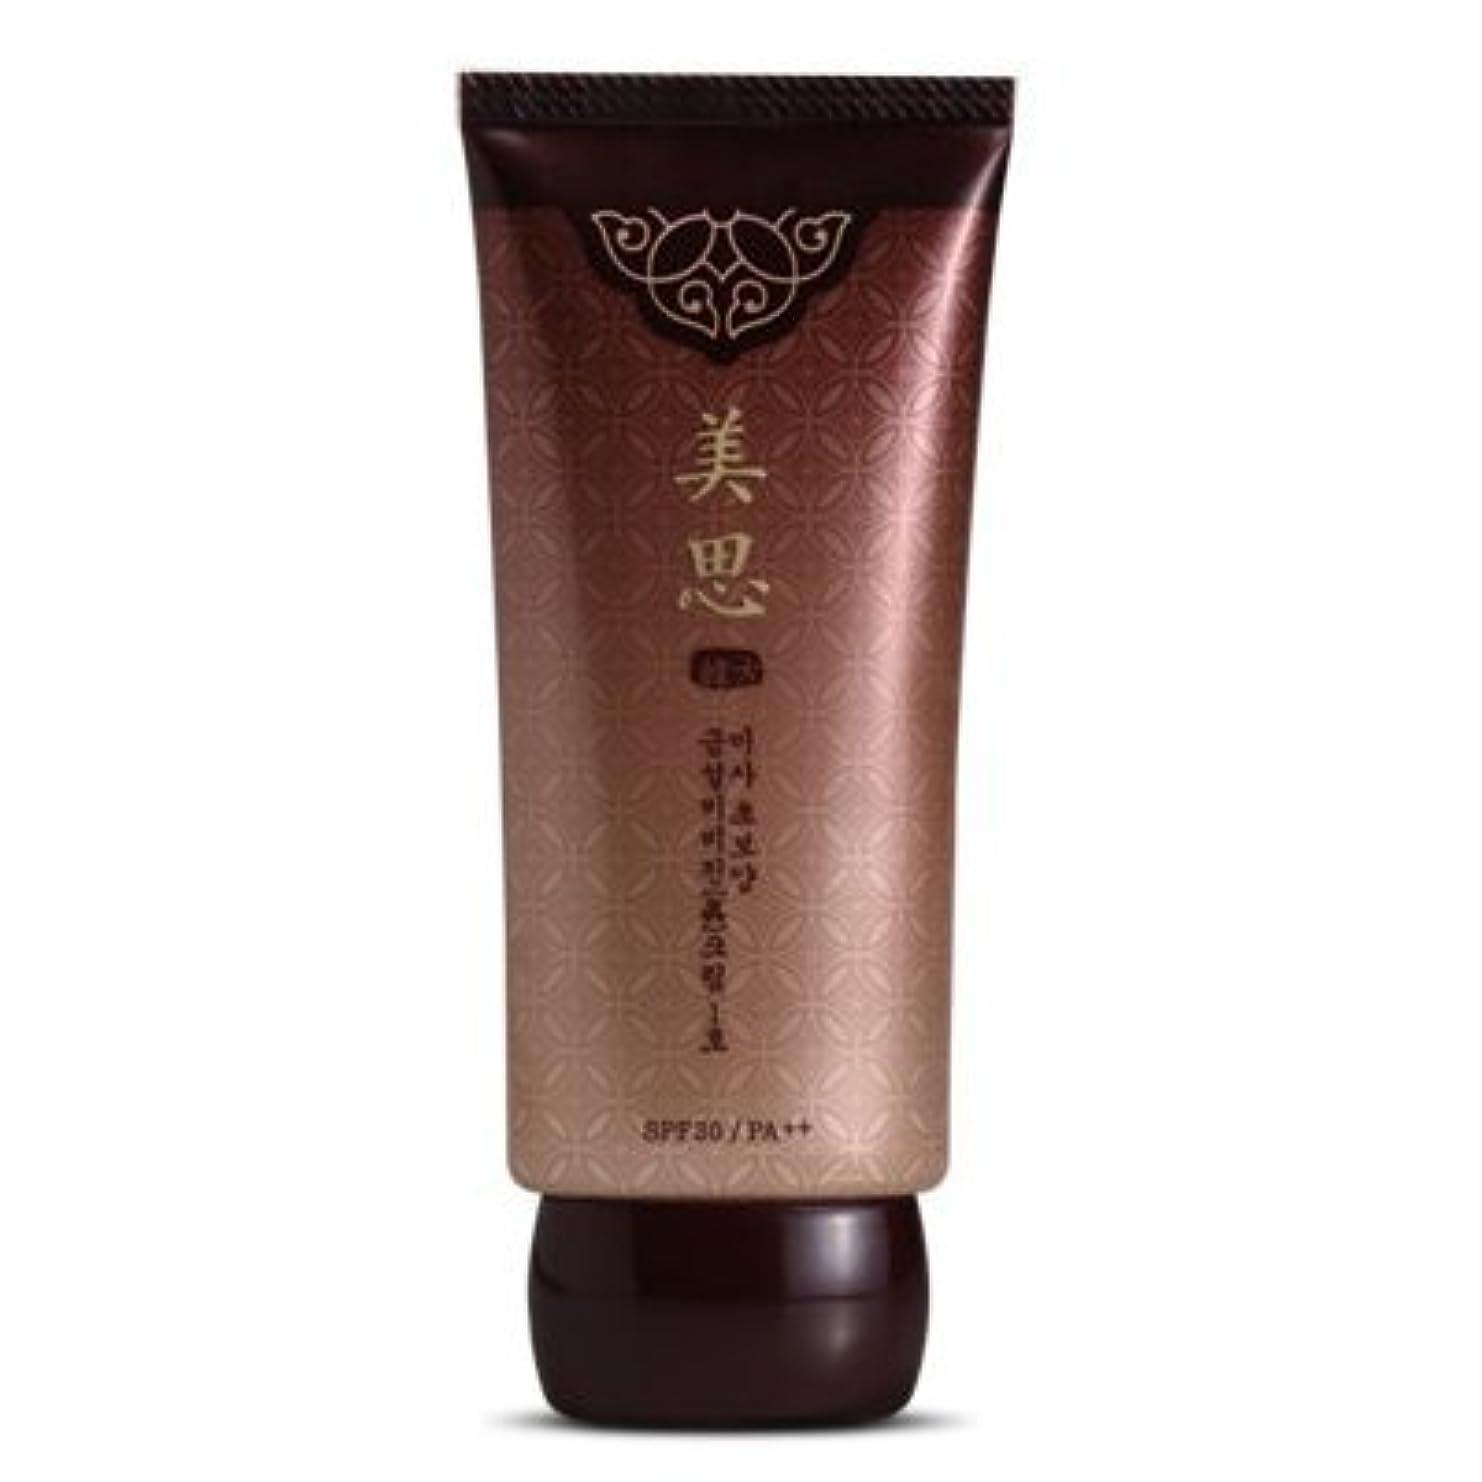 困惑した海港スパン【MISSHA (ミシャ)】 Cho Bo Yang BB Cream チョボヤン BBクリーム No.2 (ナチュラル ベージュ)